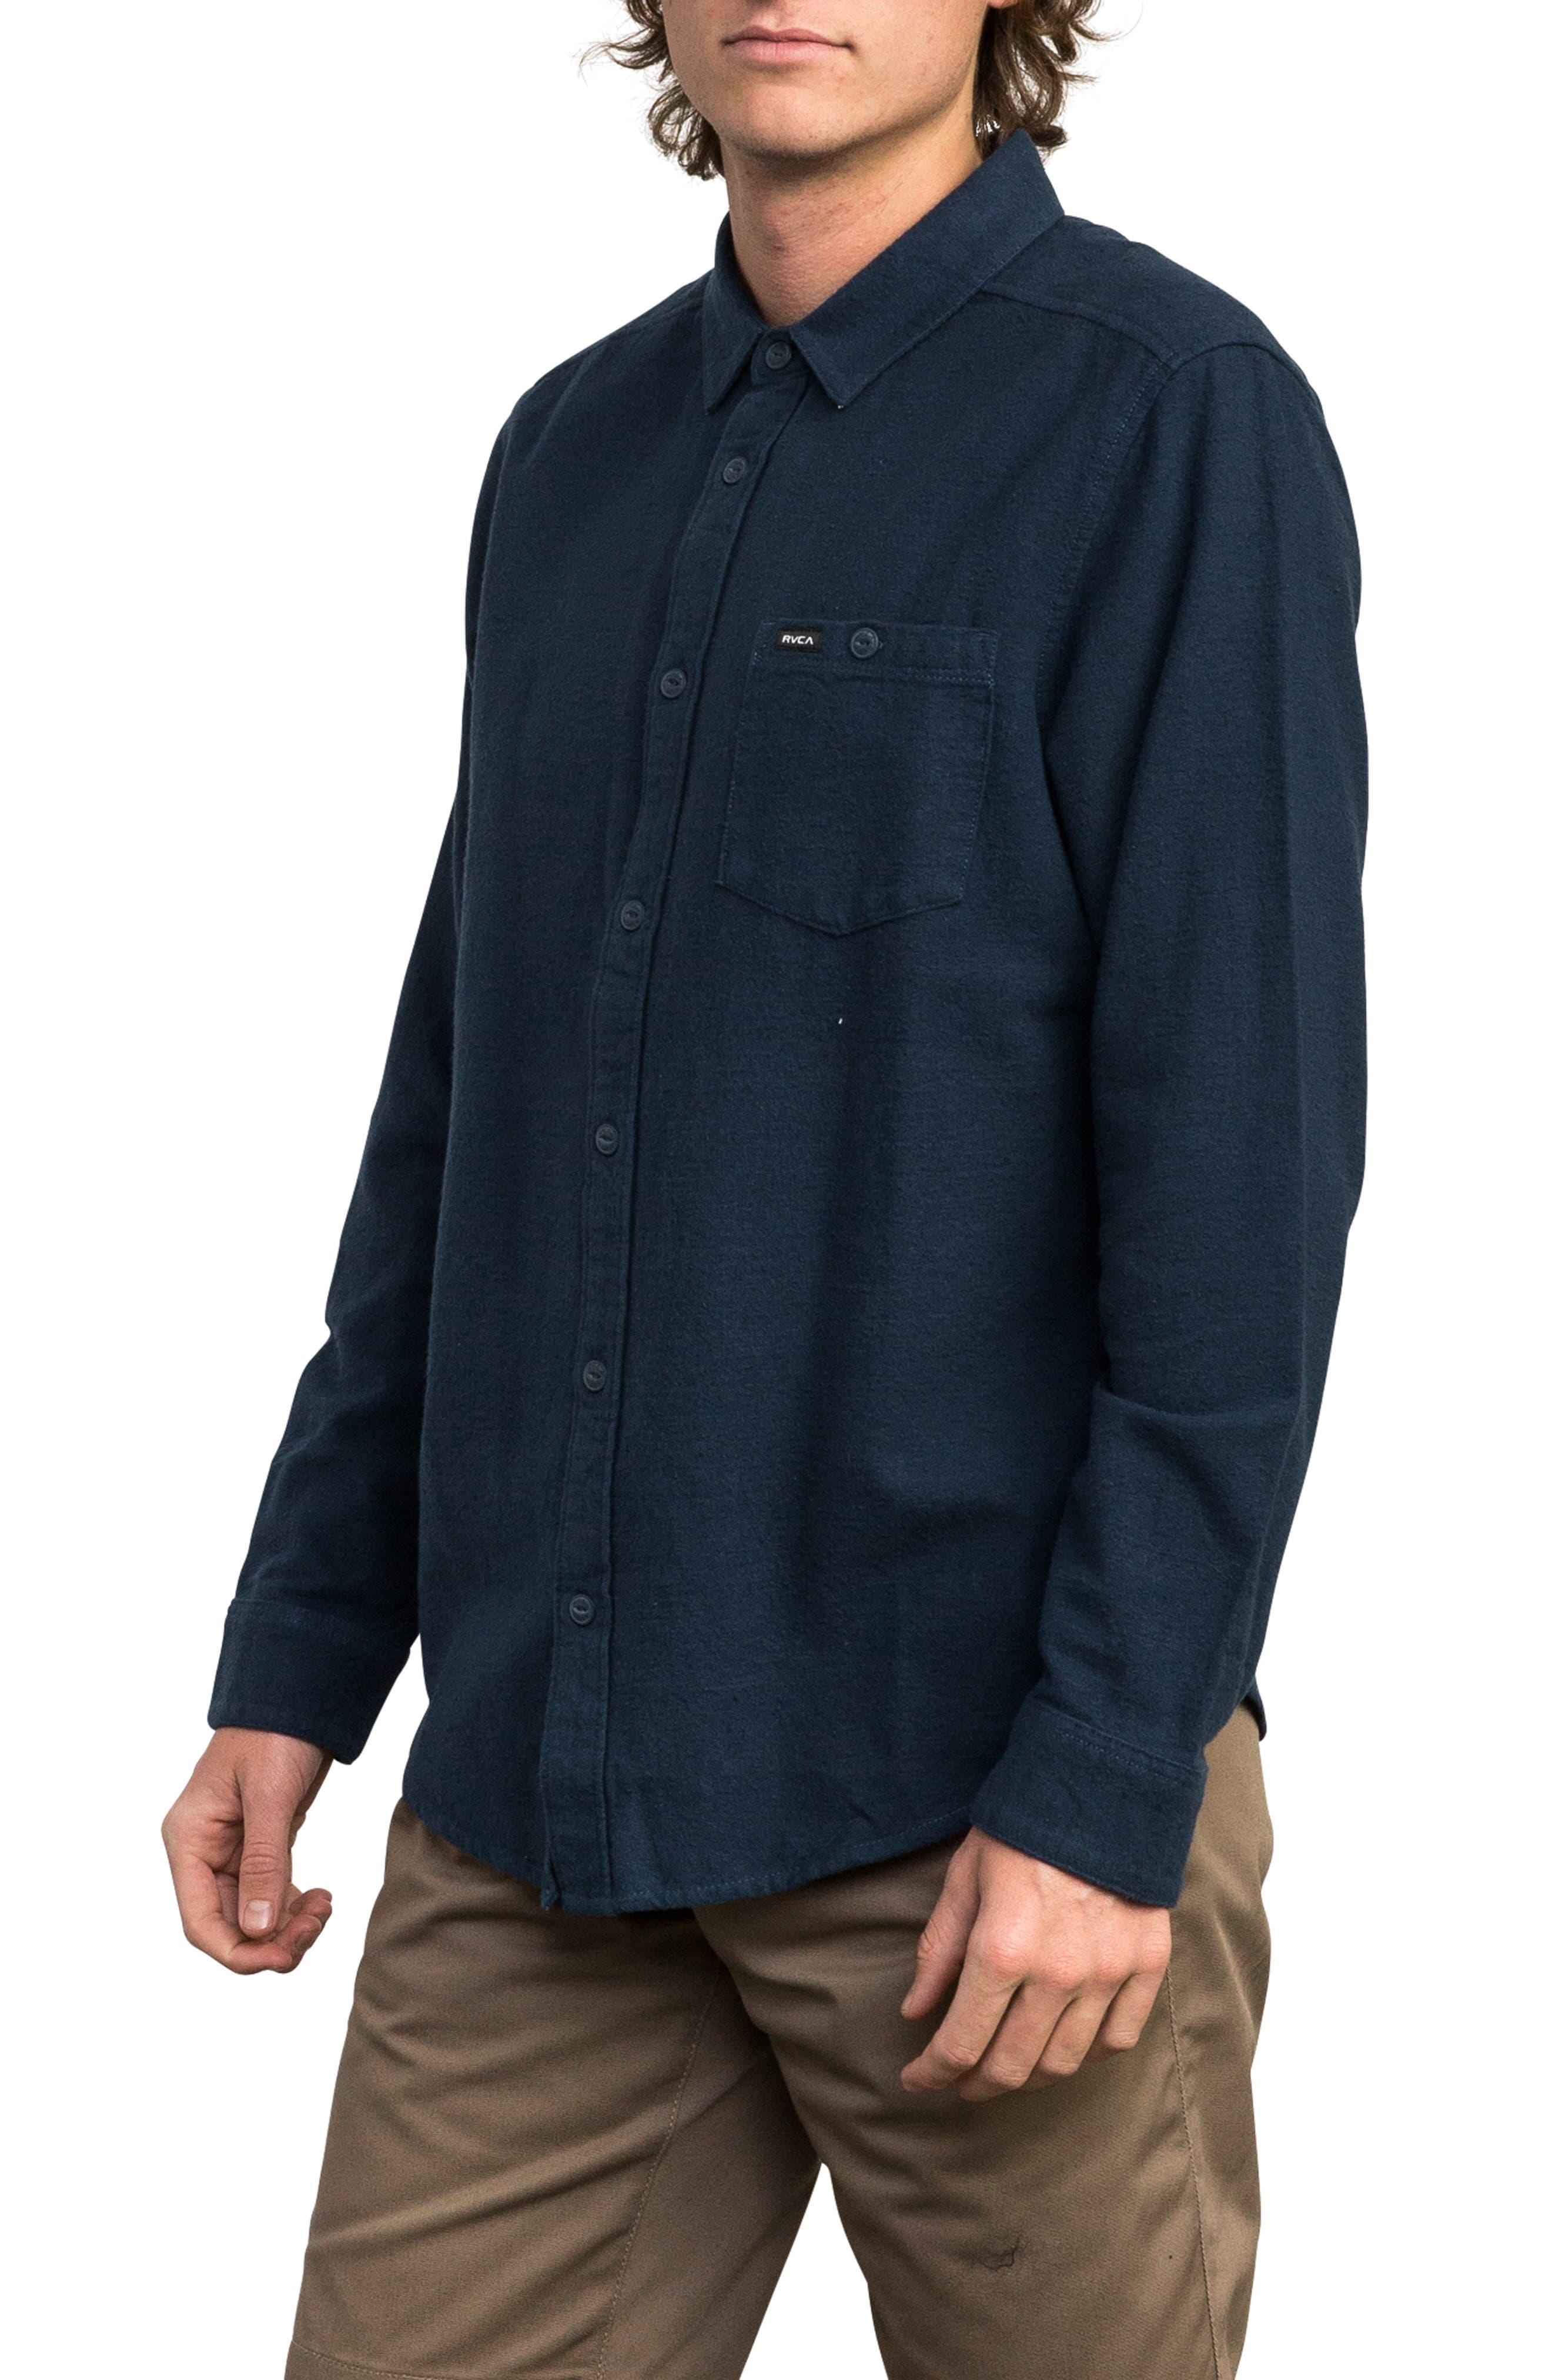 Public Works Flannel Shirt,                             Alternate thumbnail 3, color,                             487